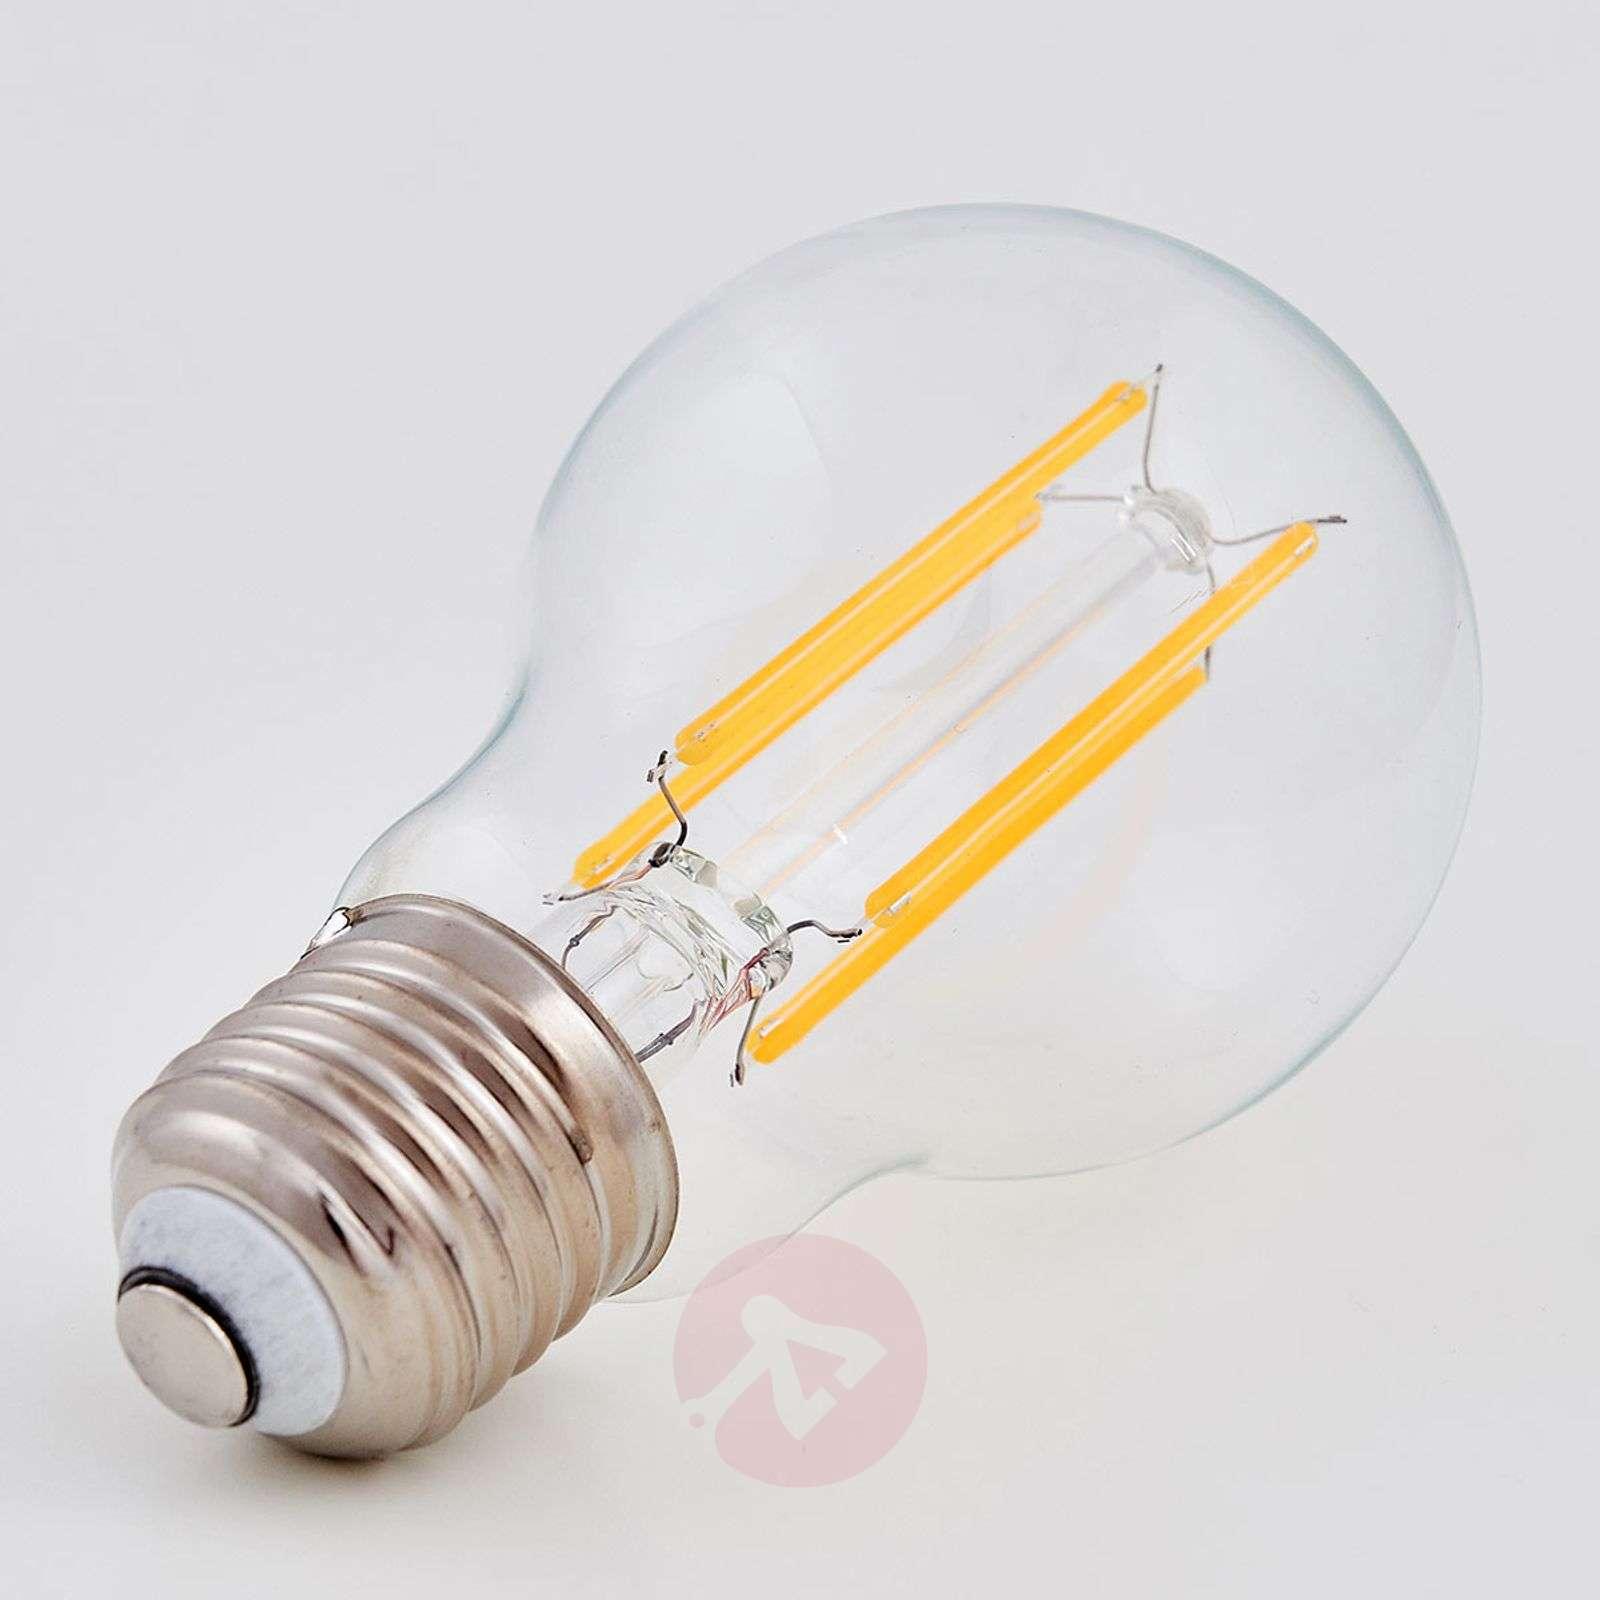 E27-LED-filamenttilamppu 7 W 806 lm 2700 K kirkas-9993033-01